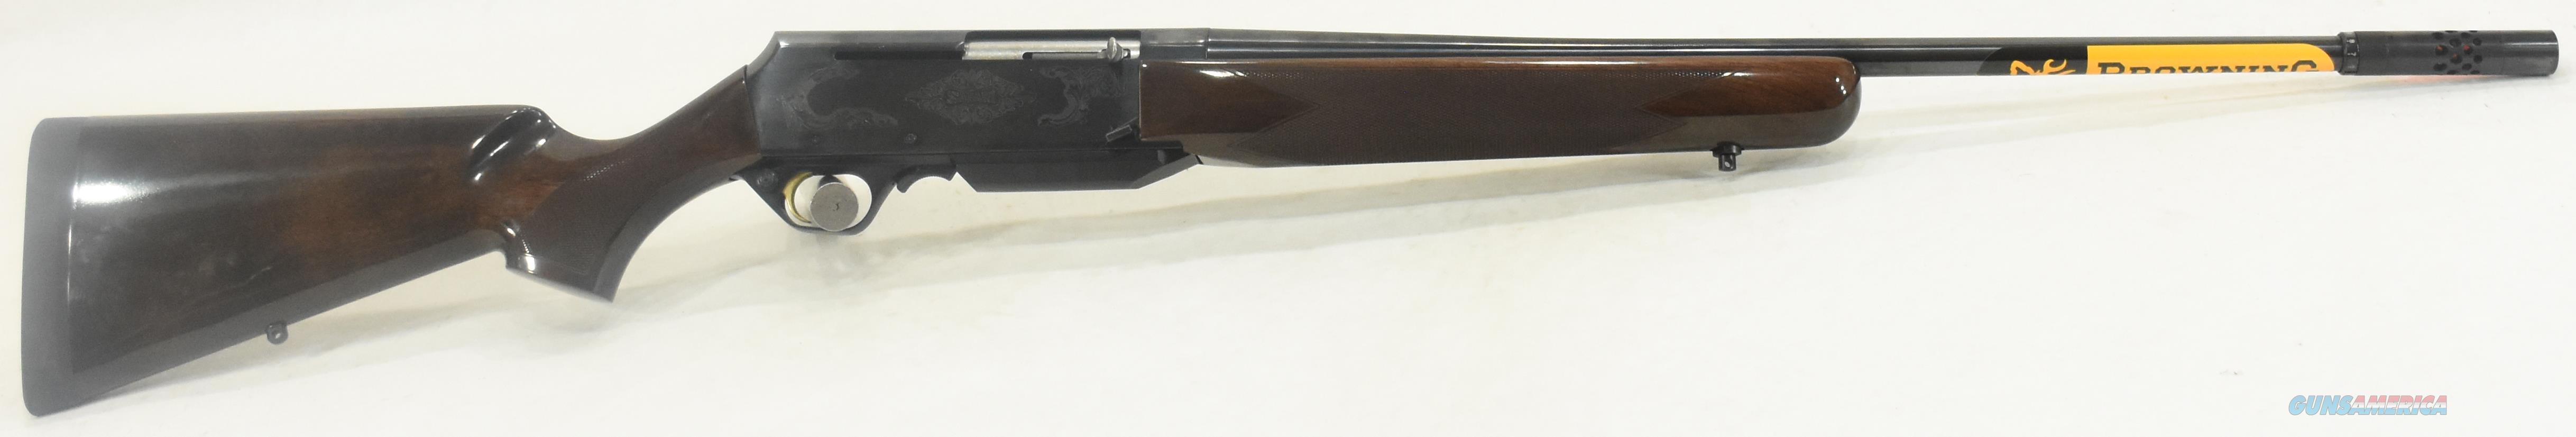 BAR Mark II Safari Walnut BOSS 300Win  031001329  Guns > Rifles > Browning Rifles > Semi Auto > Hunting